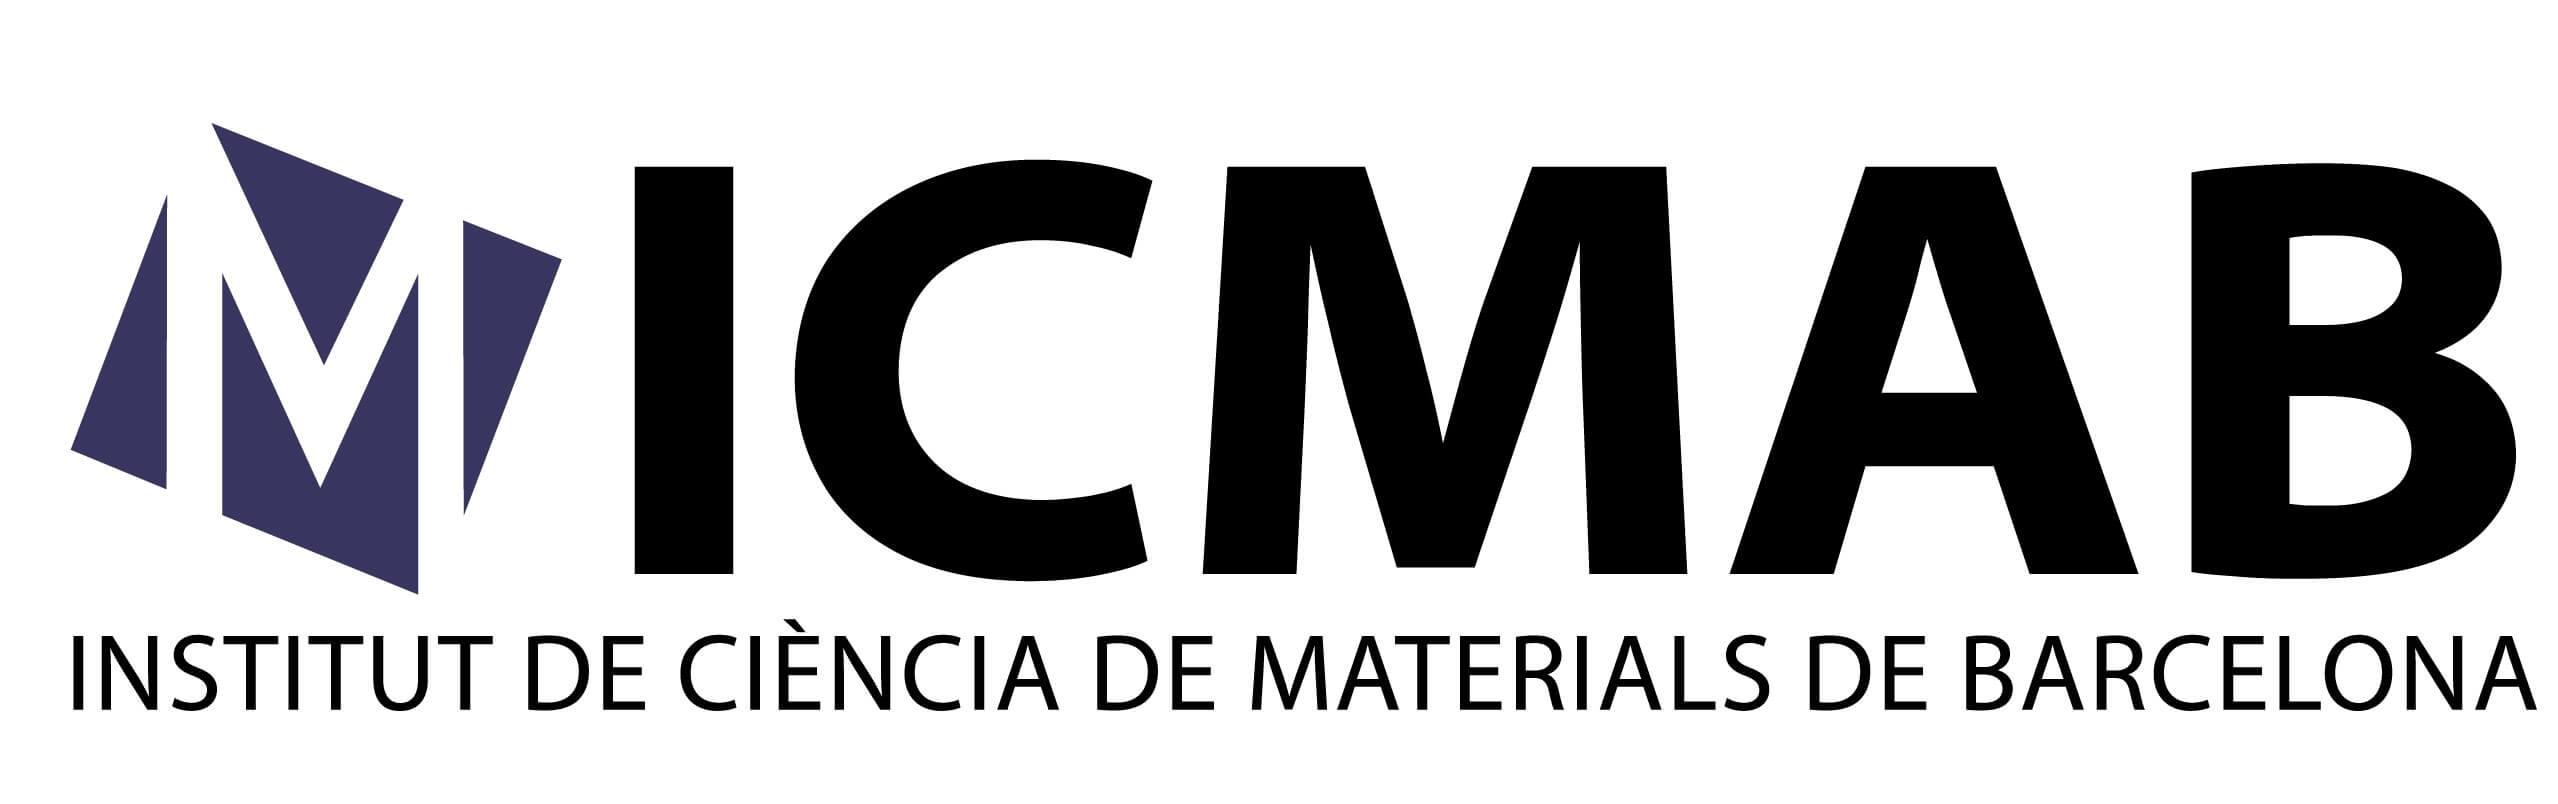 Institut de Ciéncia de materials de Barcelona logo